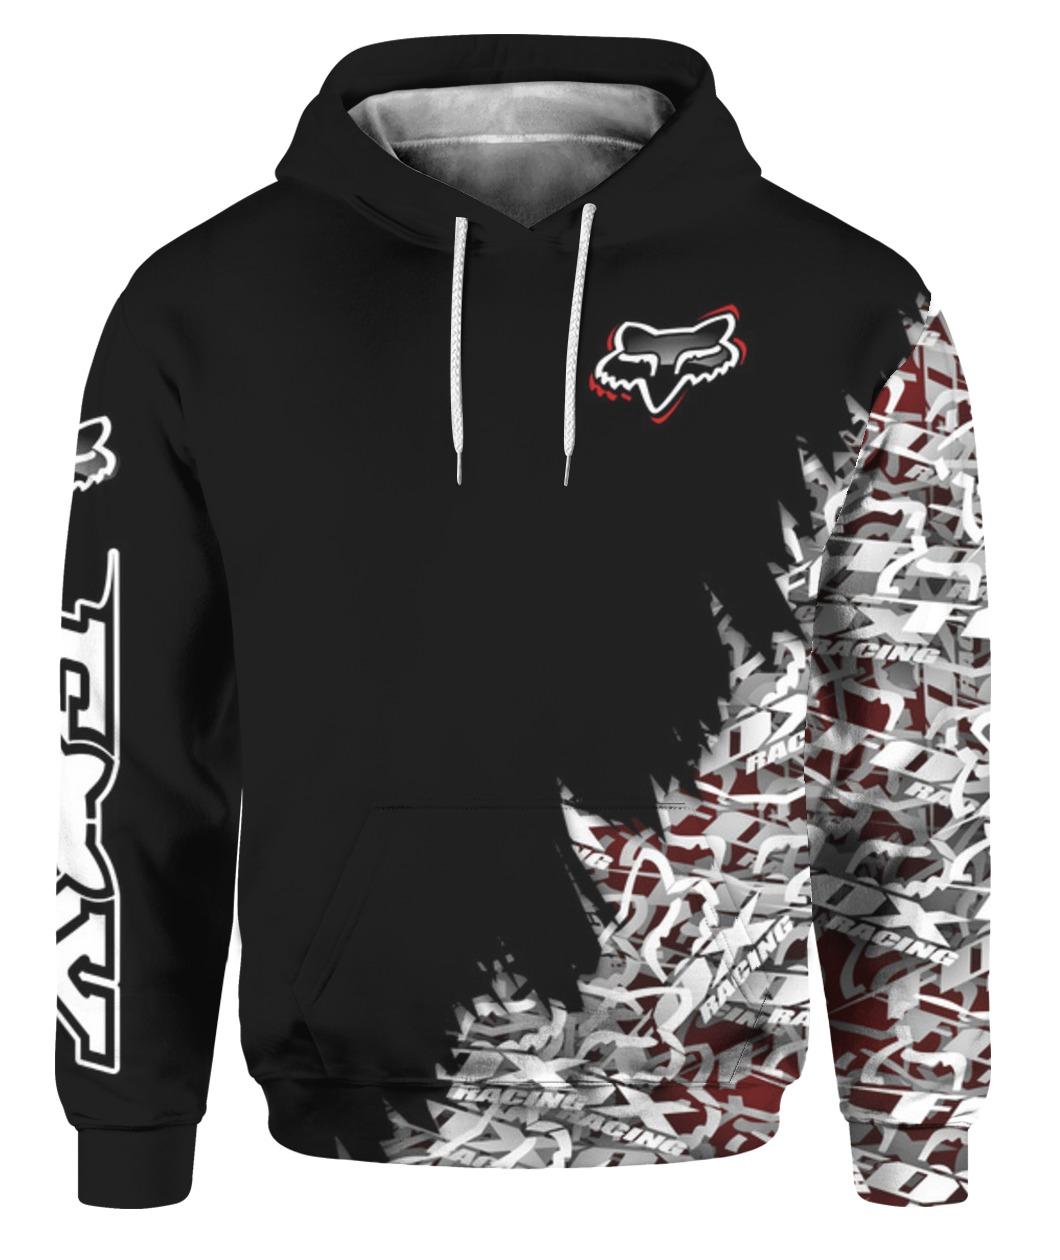 Fox racing full printing hoodie 1